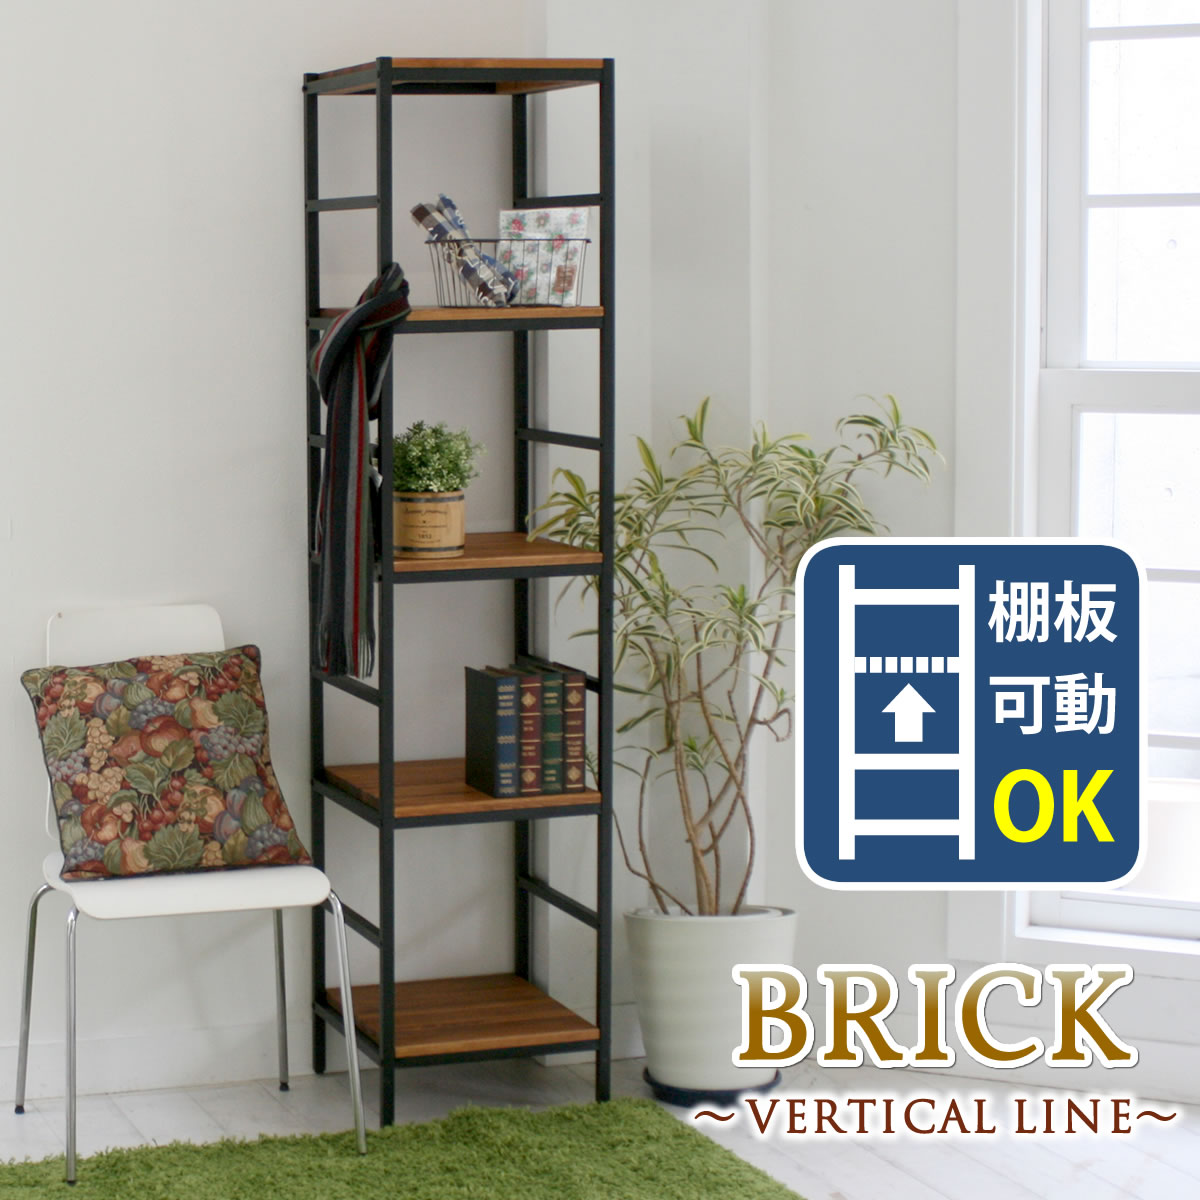 木製 アイアン ラック シェルフ ブリック / brick ラックシリーズ5段 40×40×175 PRU-4040175 送料無料 天然木 簡単組立 モダン アンティーク カフェ 収納 ウッドラック インテリアラック